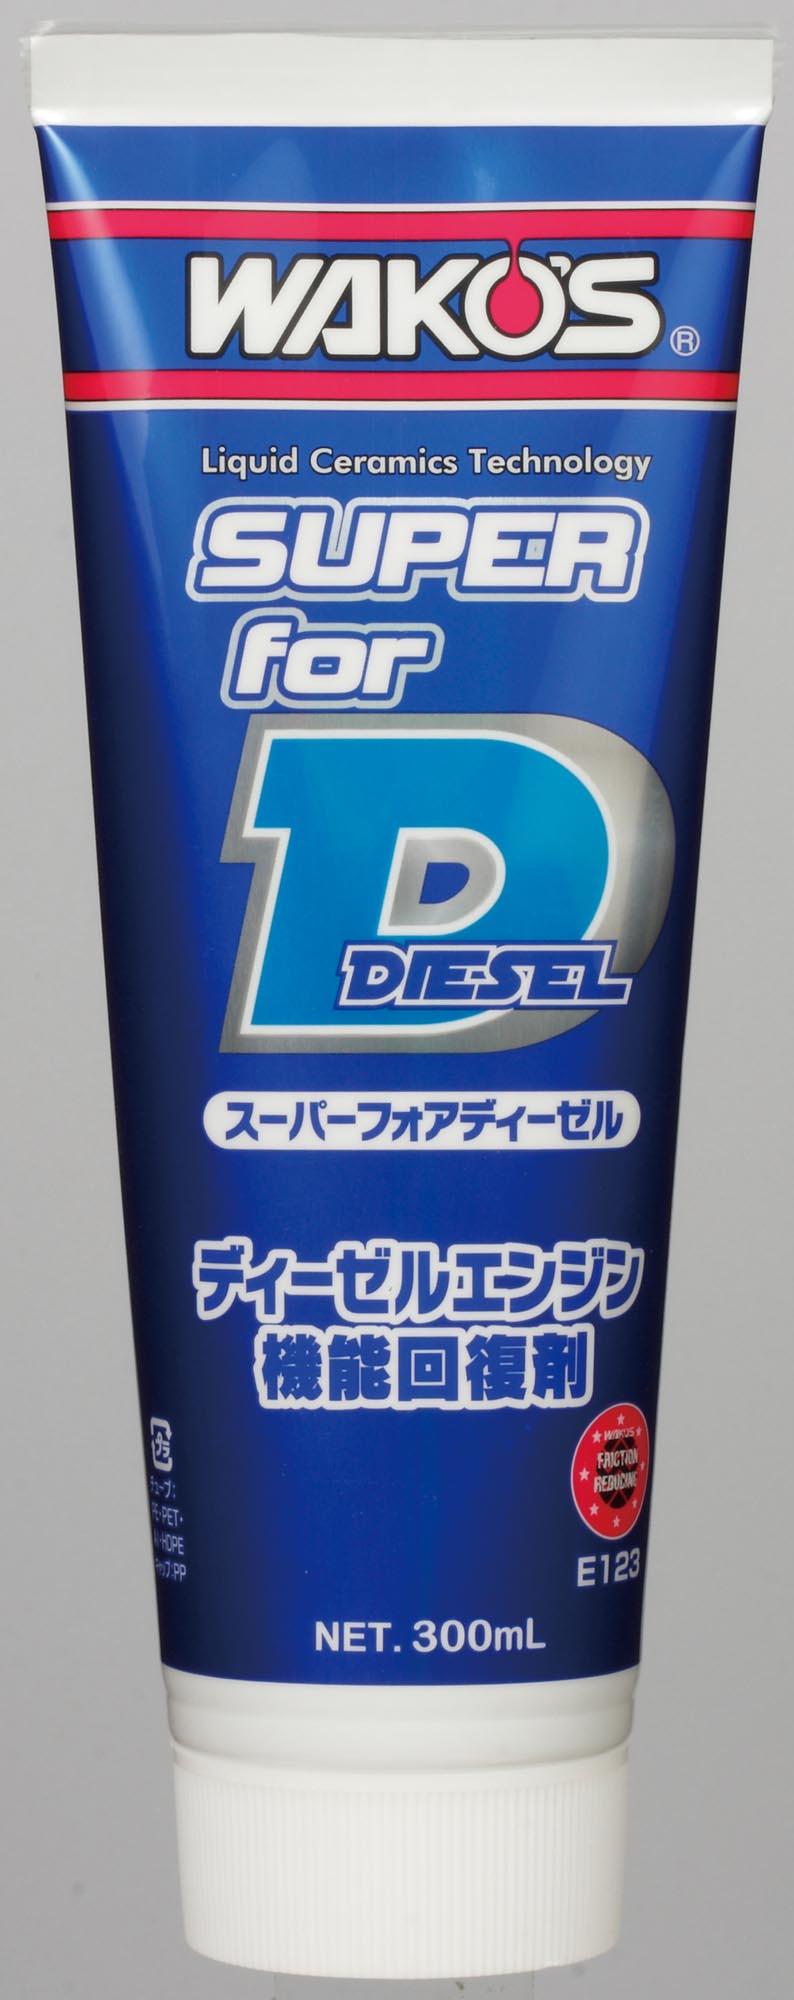 【エンジンオイル添加剤をモデルチェンジして新発売】『スーパーフォアディーゼル発売』